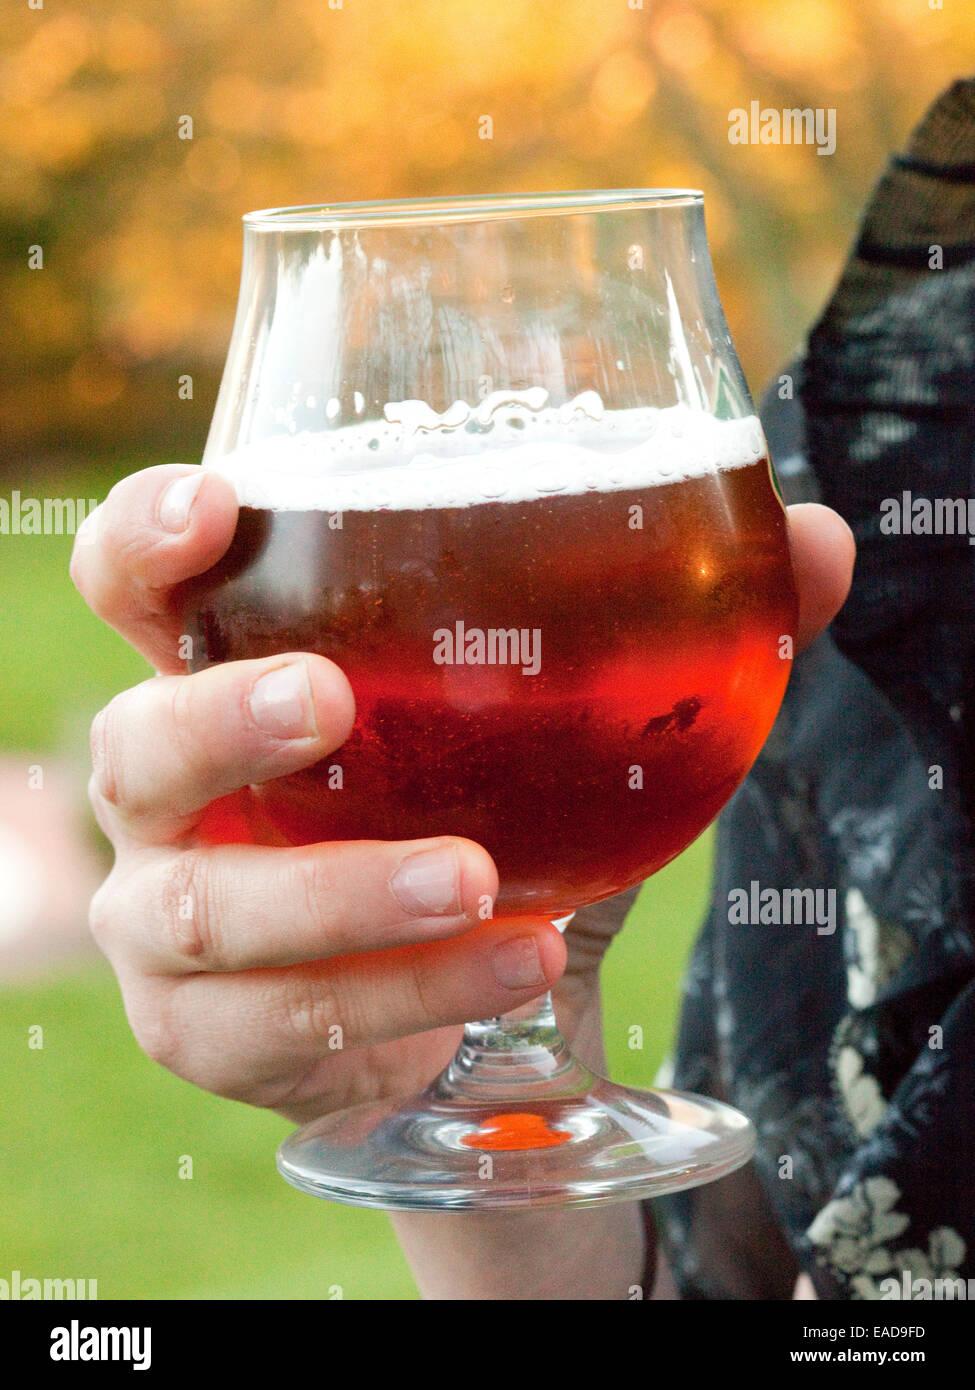 hält ein Glas Bier während Sie Tür-cocktail-Empfang Stockbild